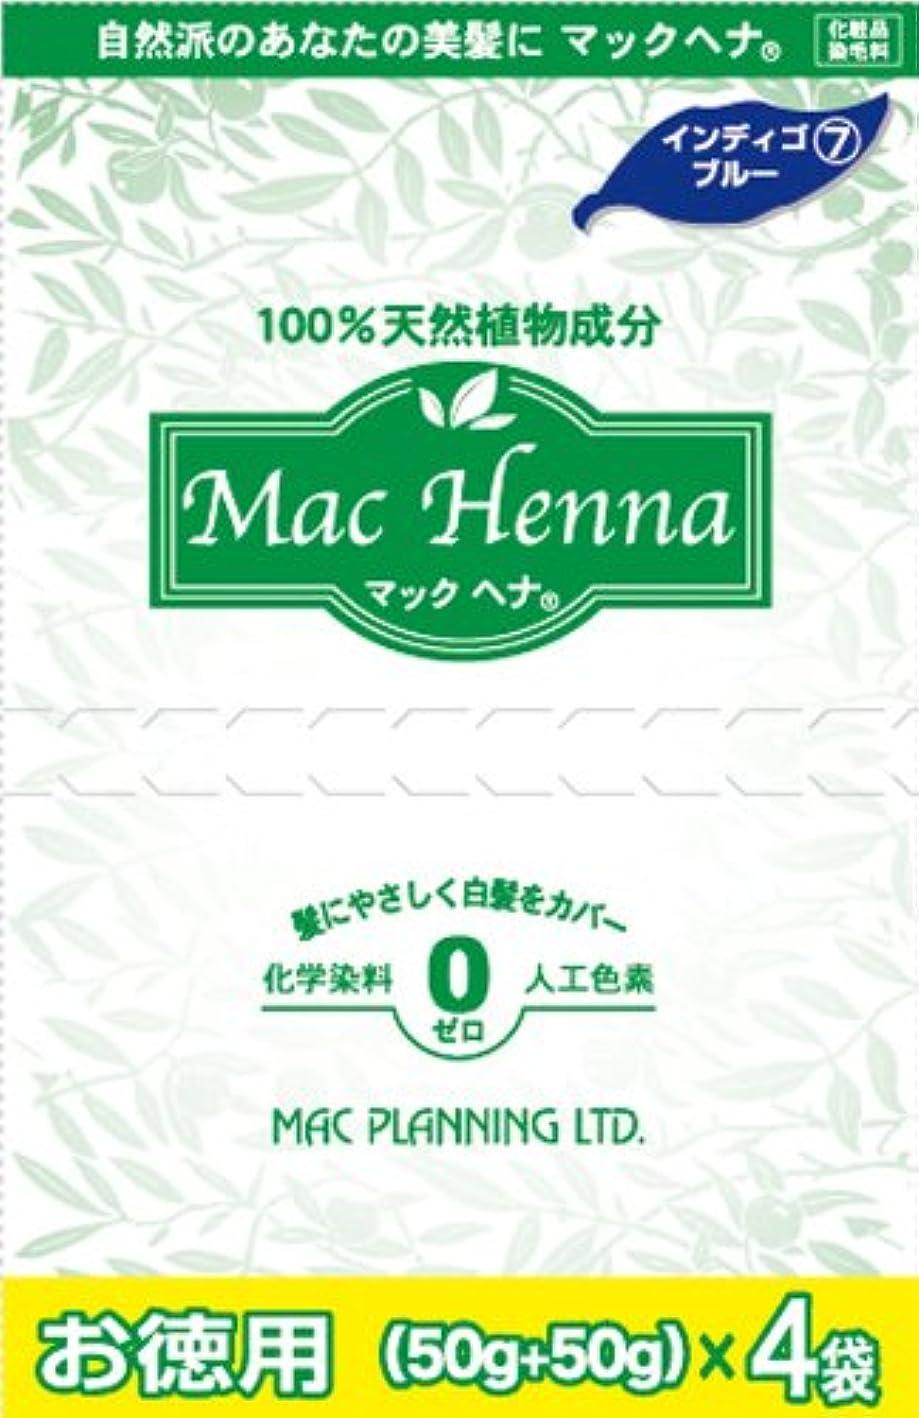 泥だらけのヒープ裁判所天然植物原料100% 無添加 マックヘナ お徳用(インディゴブルー)-7 400g(50g+50g)×4袋  3箱セット